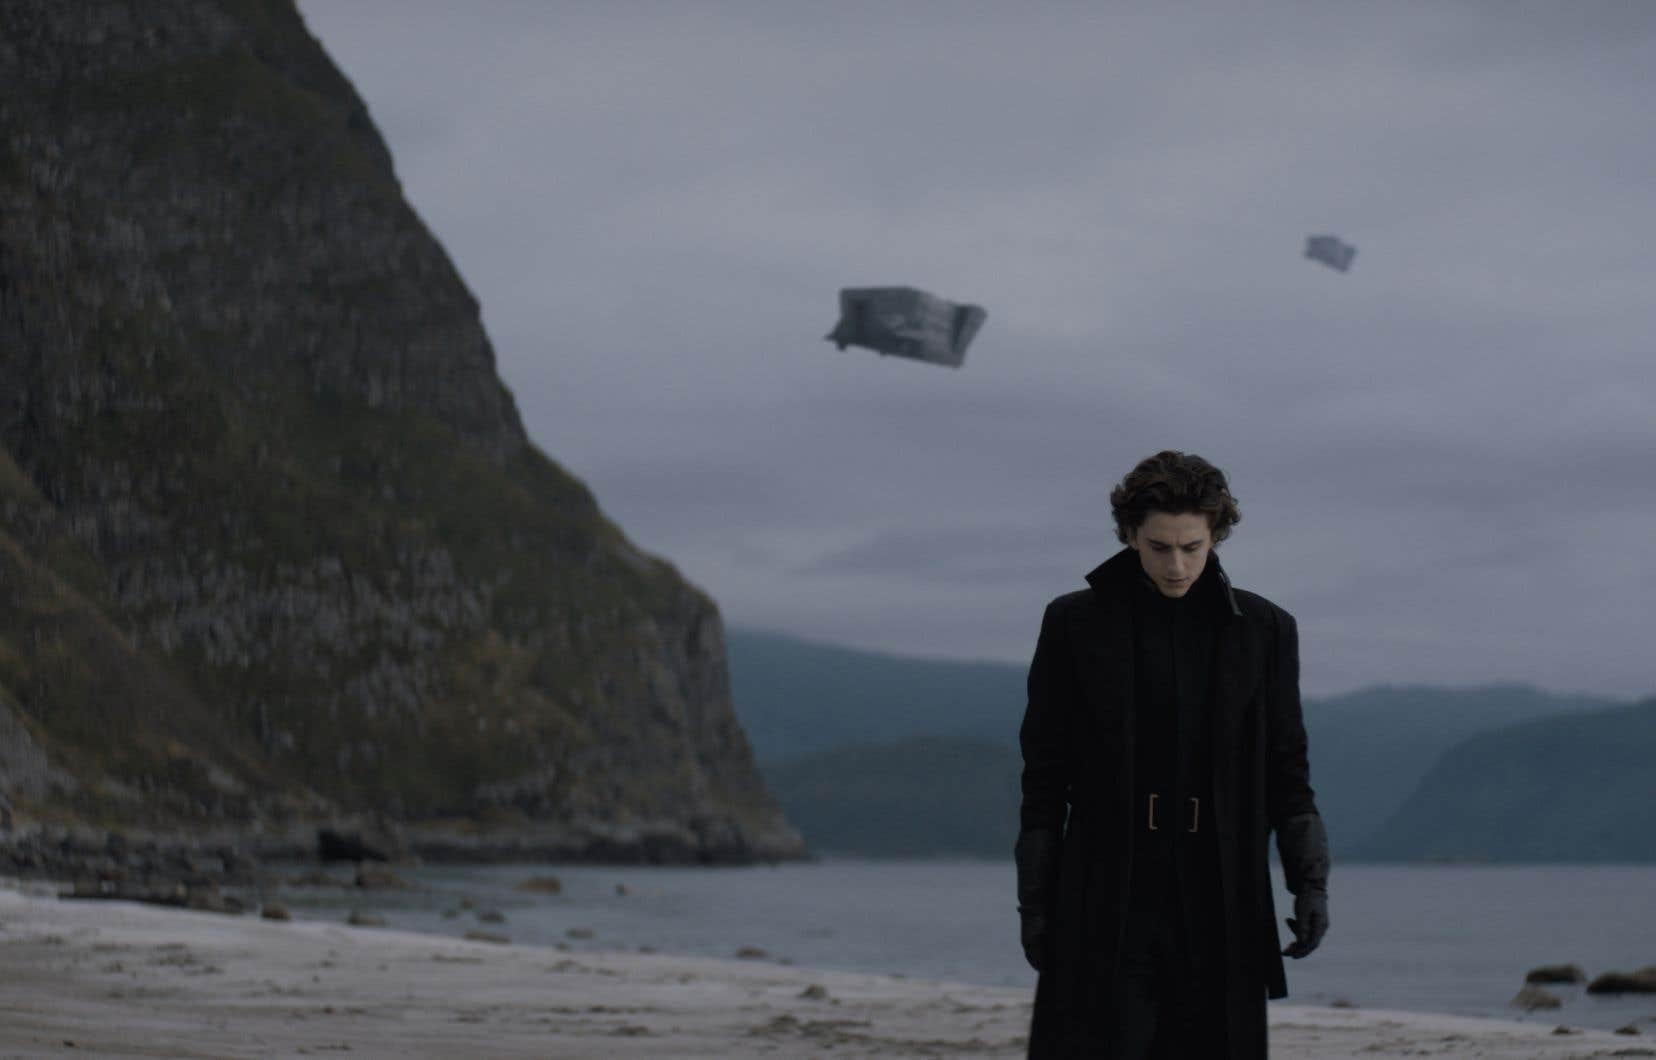 Juste après la première mondiale à la Biennale de Venise le 3 septembre, le TIFF présentera l'épopée de science-fiction Dune, coécrite et réalisée par le Québécois Denis Villeneuve.